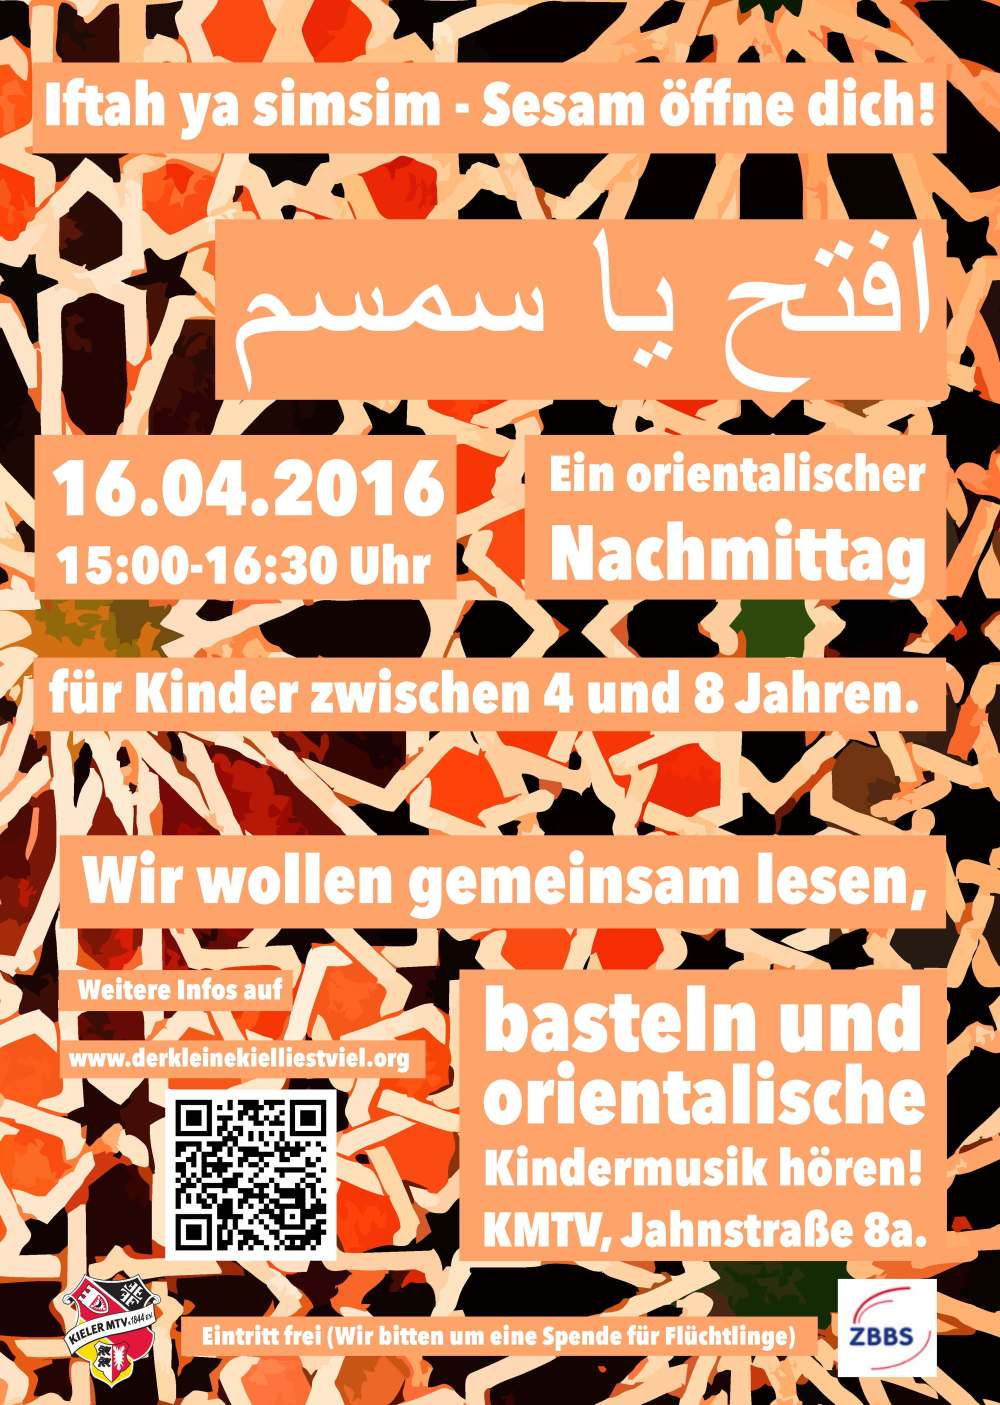 Iftah ya simsim – Sesam öffne dich Kiel 16.04.2016!